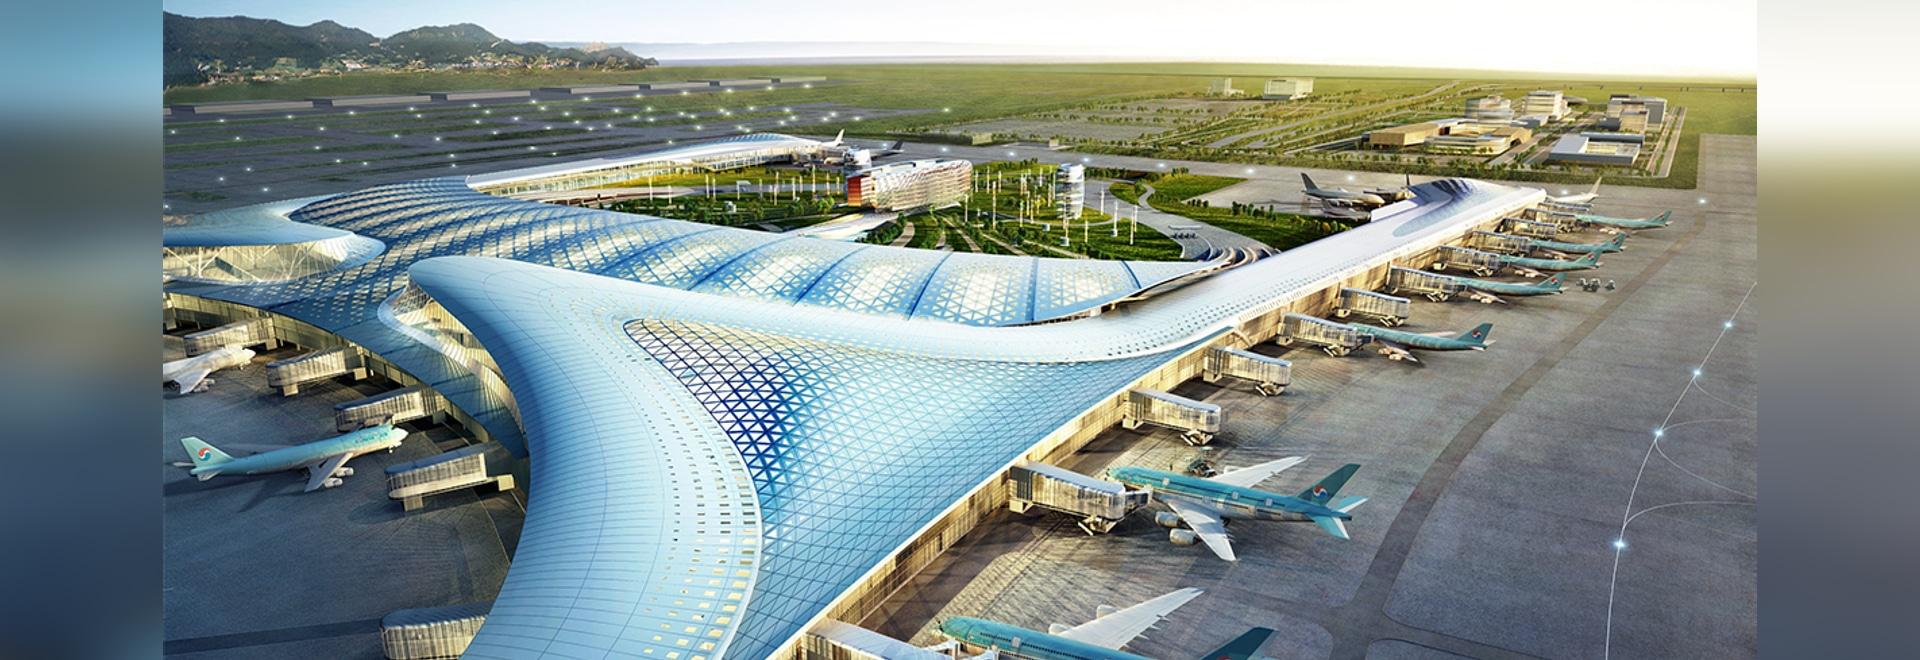 El aeropuerto internacional de Inchon es el aeropuerto más grande de la Corea del Sur